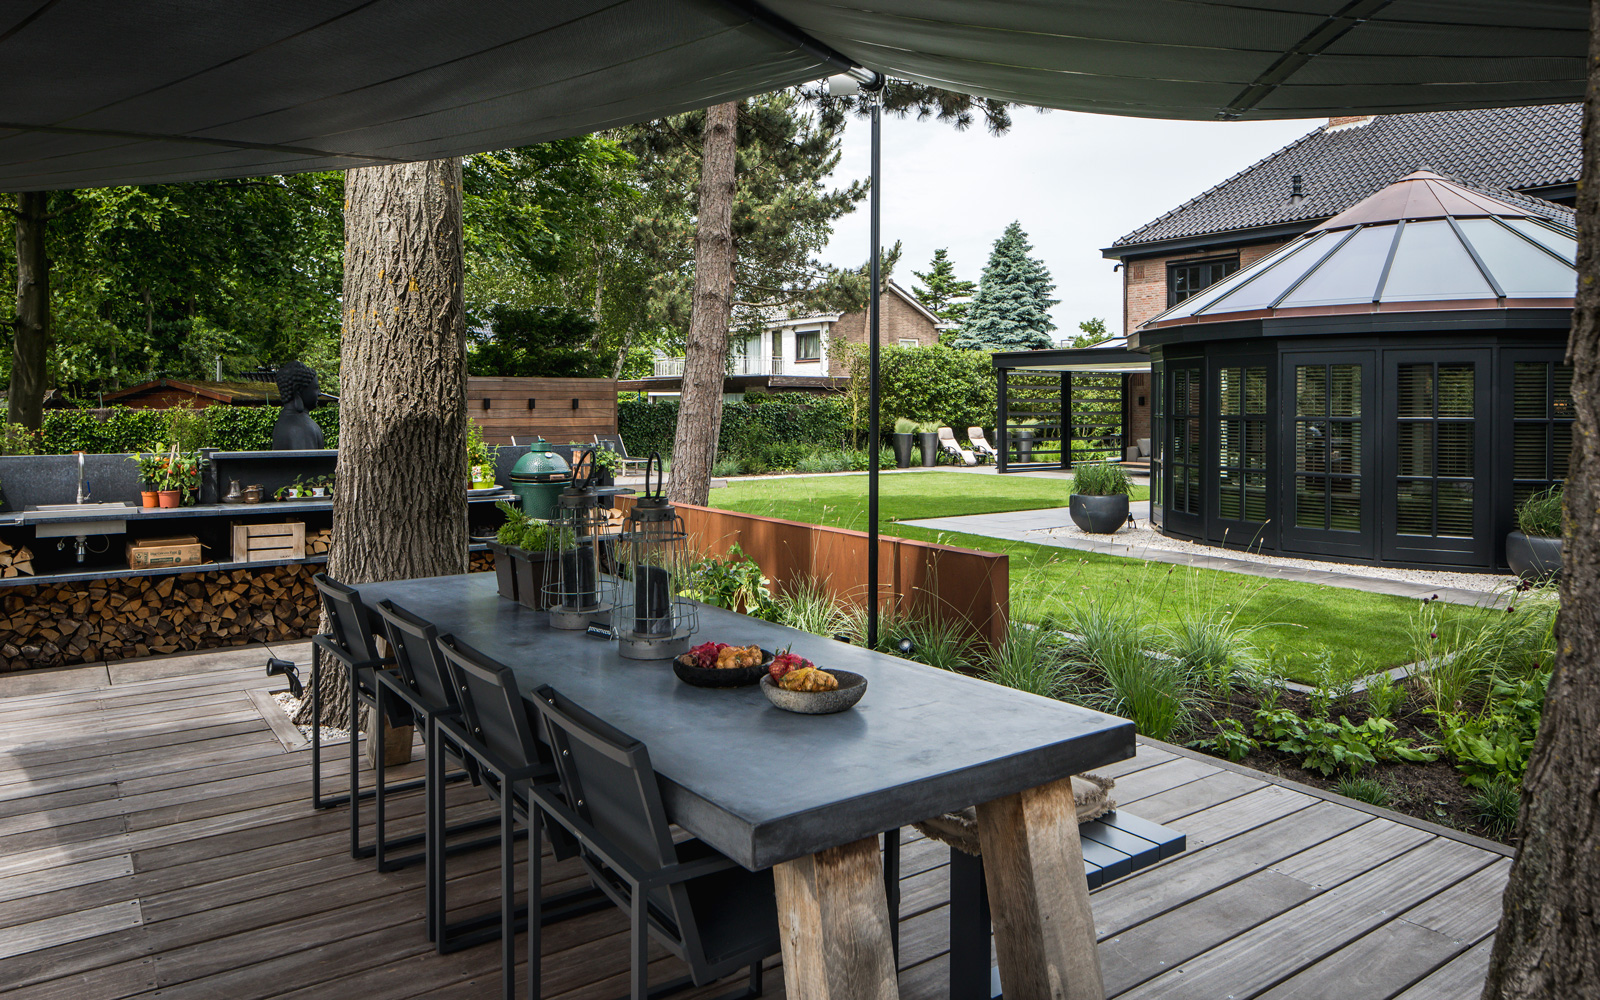 De grote tuin is voorzien van luxe meubelen voor het optimale wooncomfort.